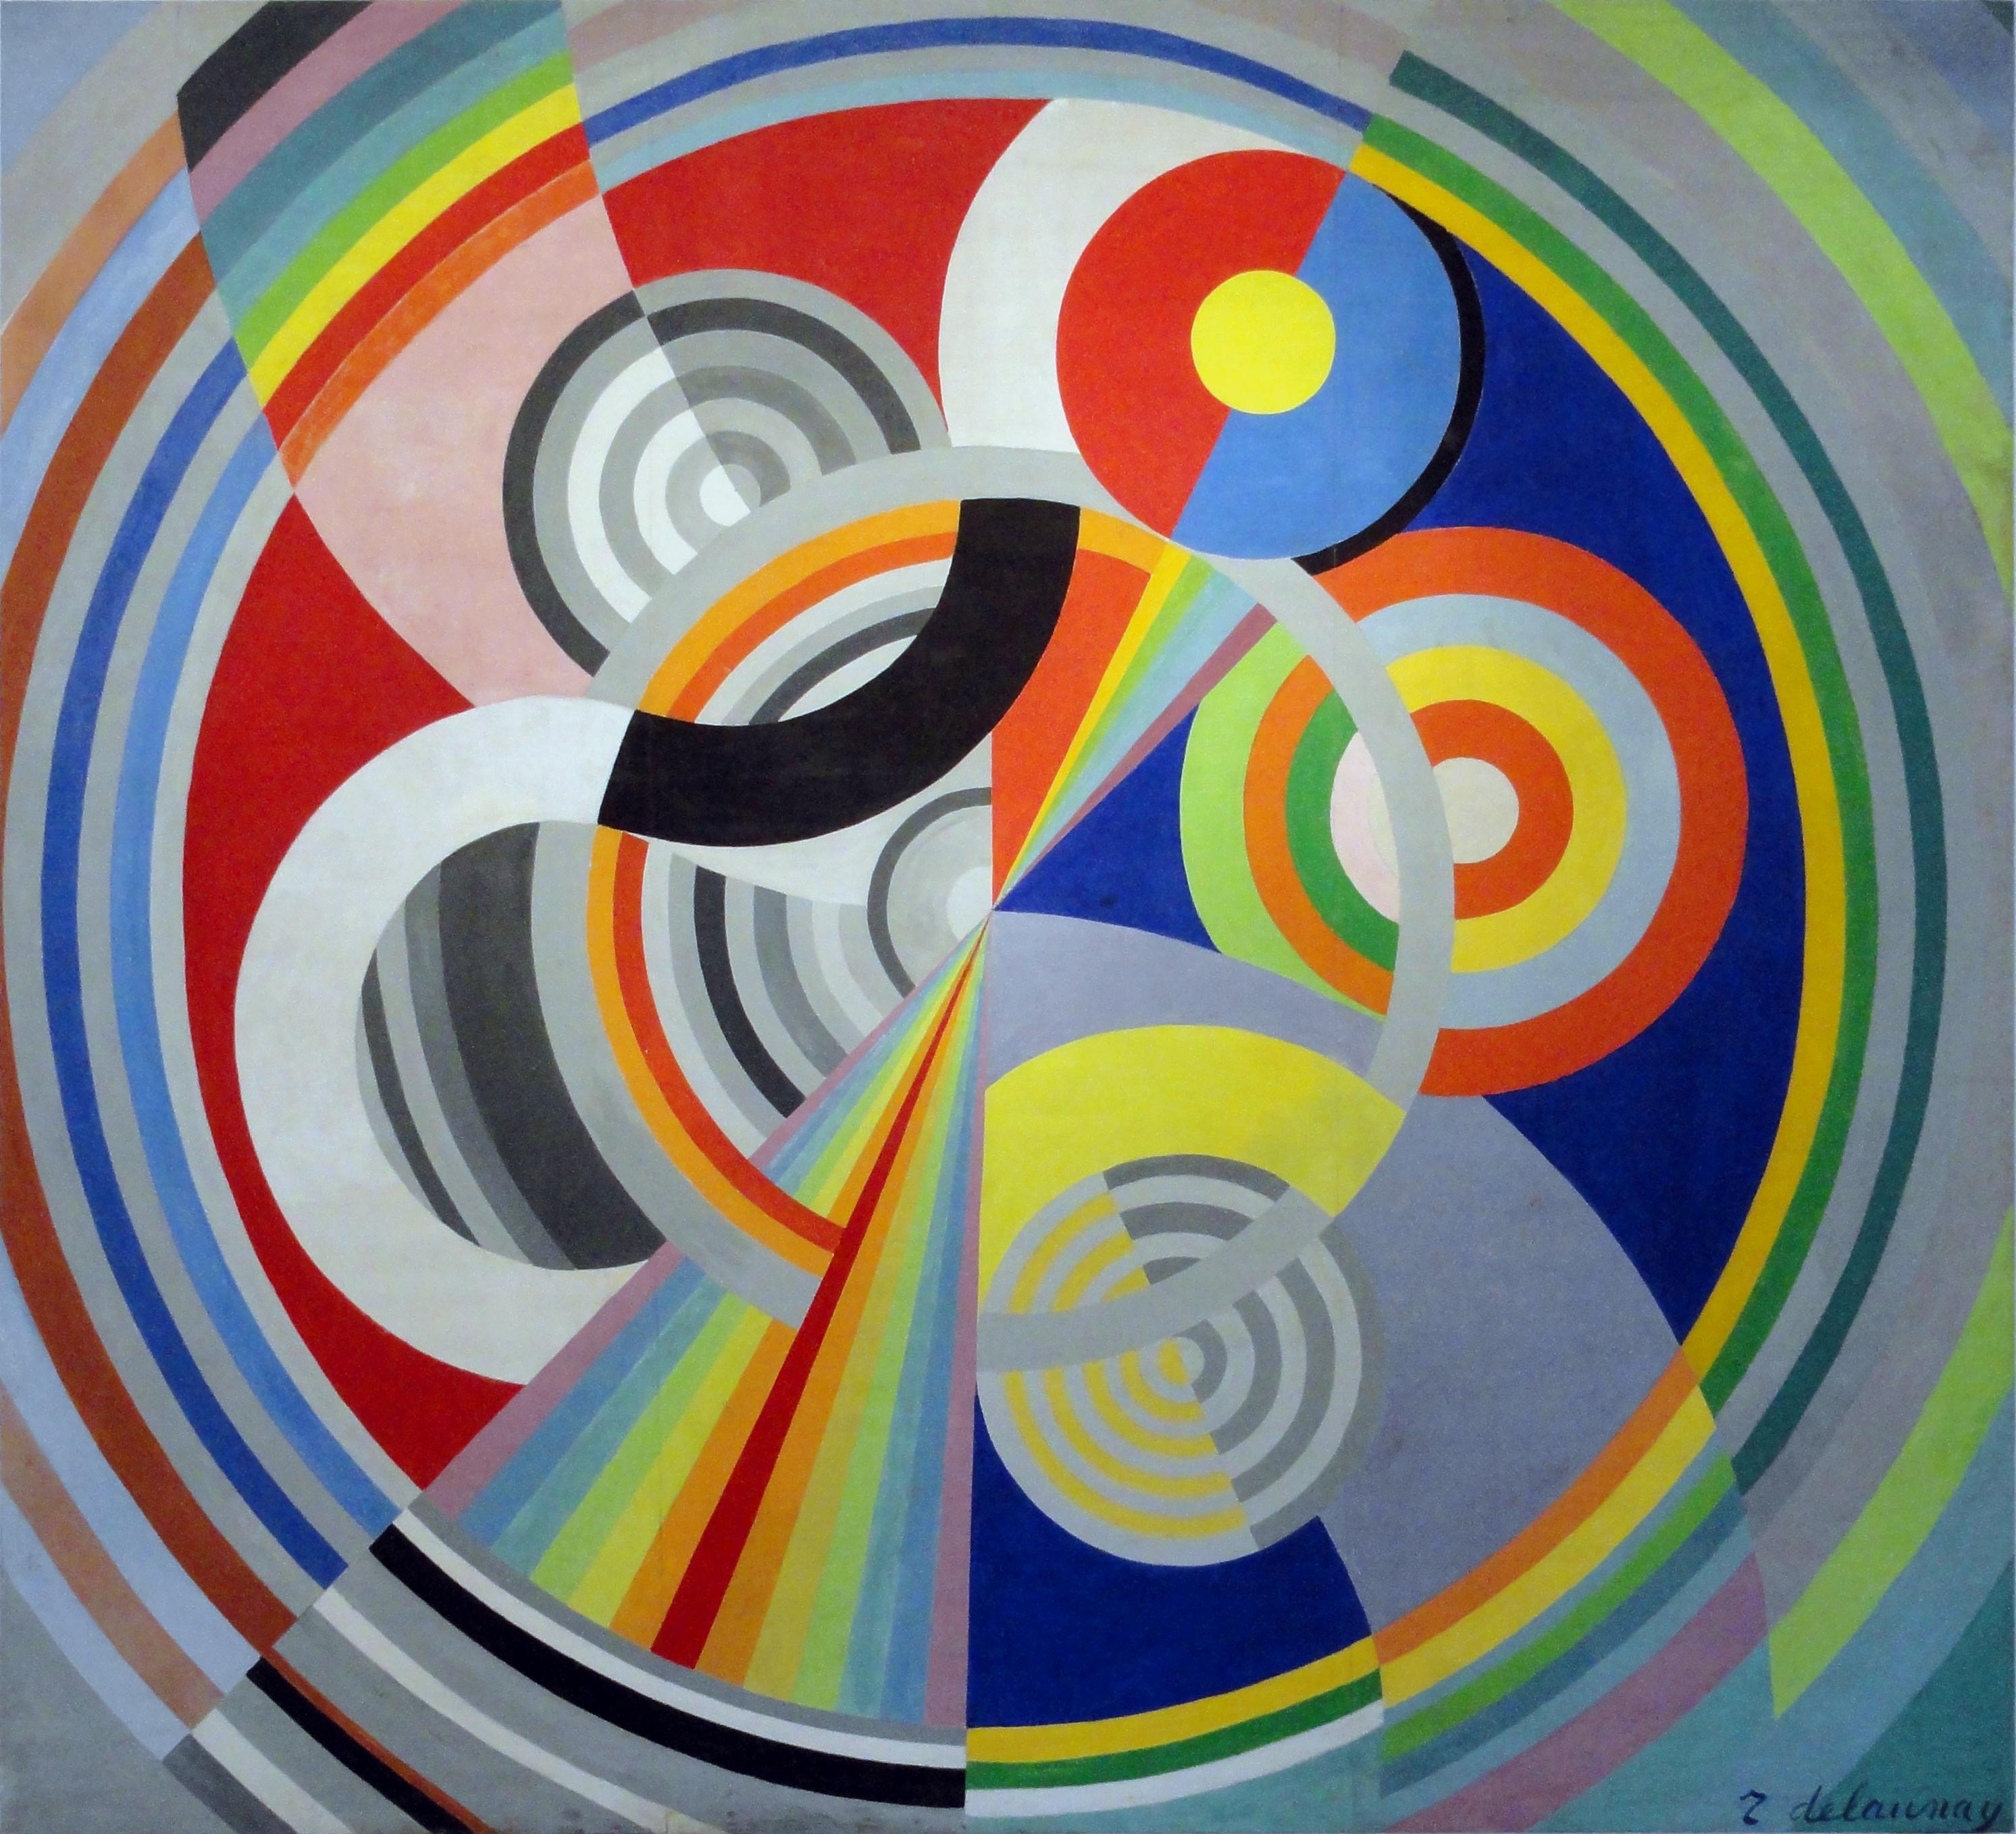 https://upload.wikimedia.org/wikipedia/commons/c/cb/Robert_Delaunay,_1938,_Rythme_n%C2%B01,_Decoration_for_the_Salon_des_Tuileries,_oil_on_canvas,_Mus%C3%A9e_d'Art_Moderne_de_la_ville_de_Paris.jpg